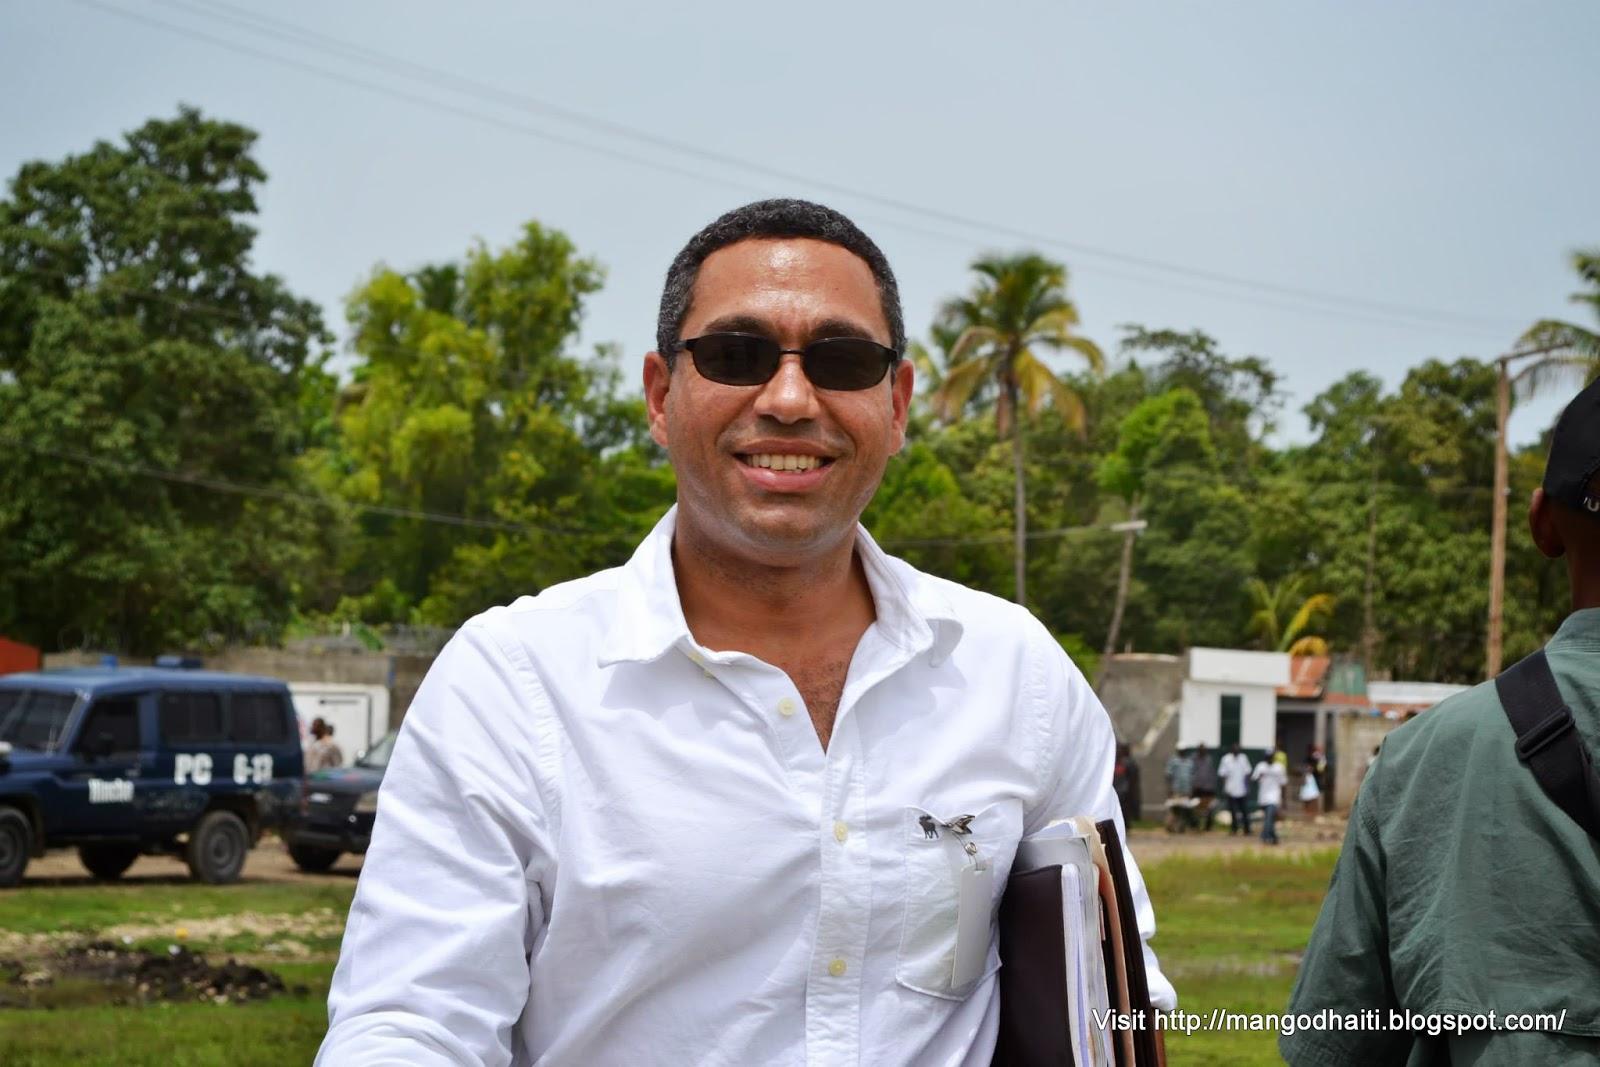 L'ancien Directeur général du FAES Klaus Eberwein / Photo: Mangodhaiti.blogspot.com